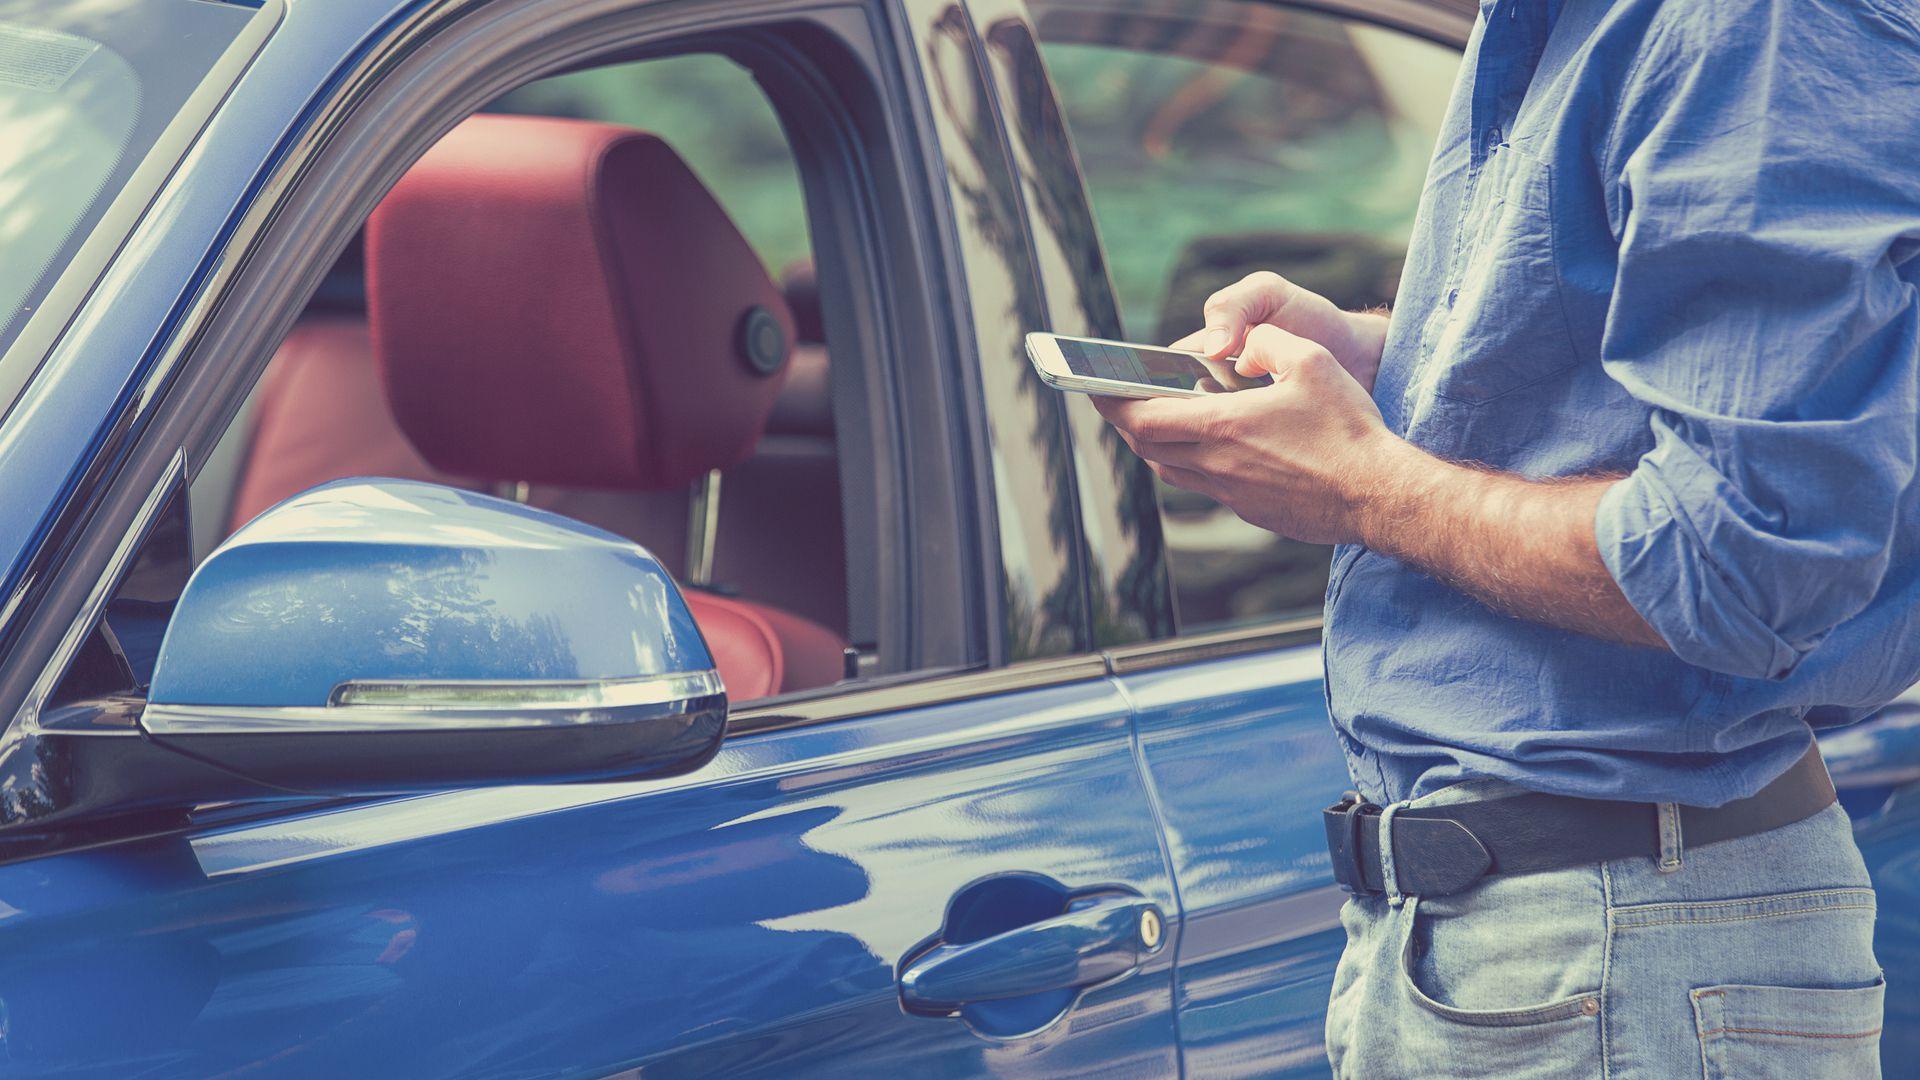 Desde la aplicación en el celular, el conductor podrá revisar el GPS y sus hábitos de manejo (Shutterstock)